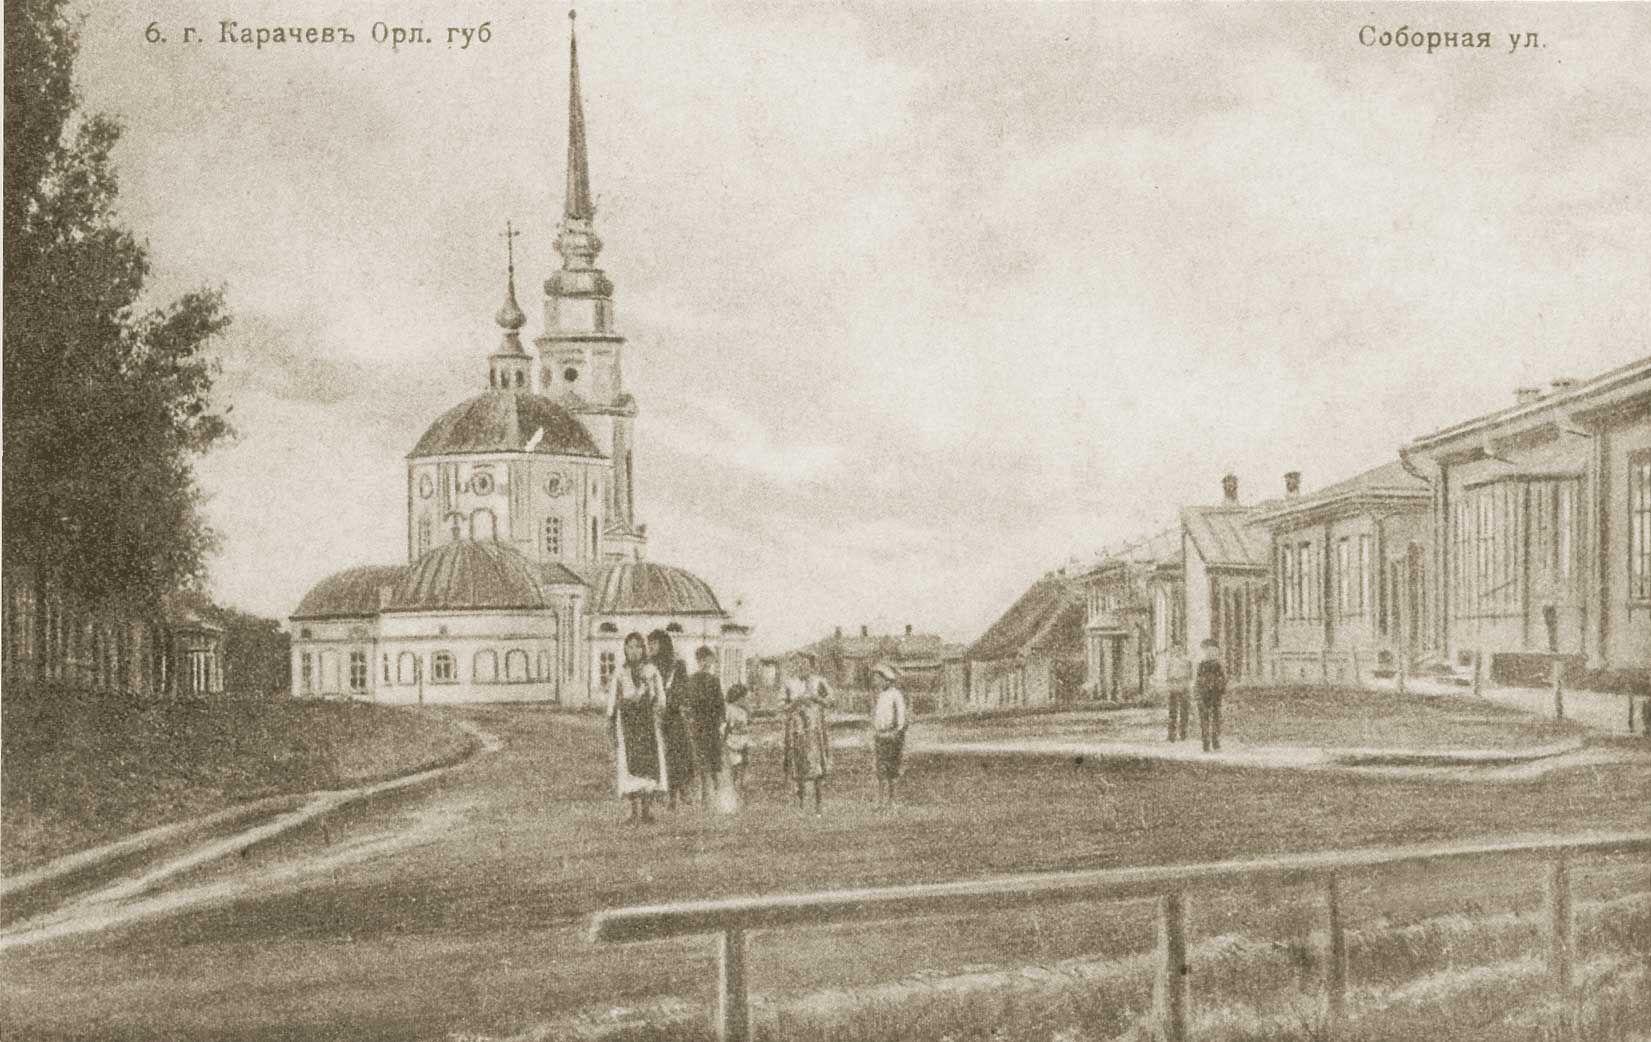 Соборная улица с церковью Михаила Архангела